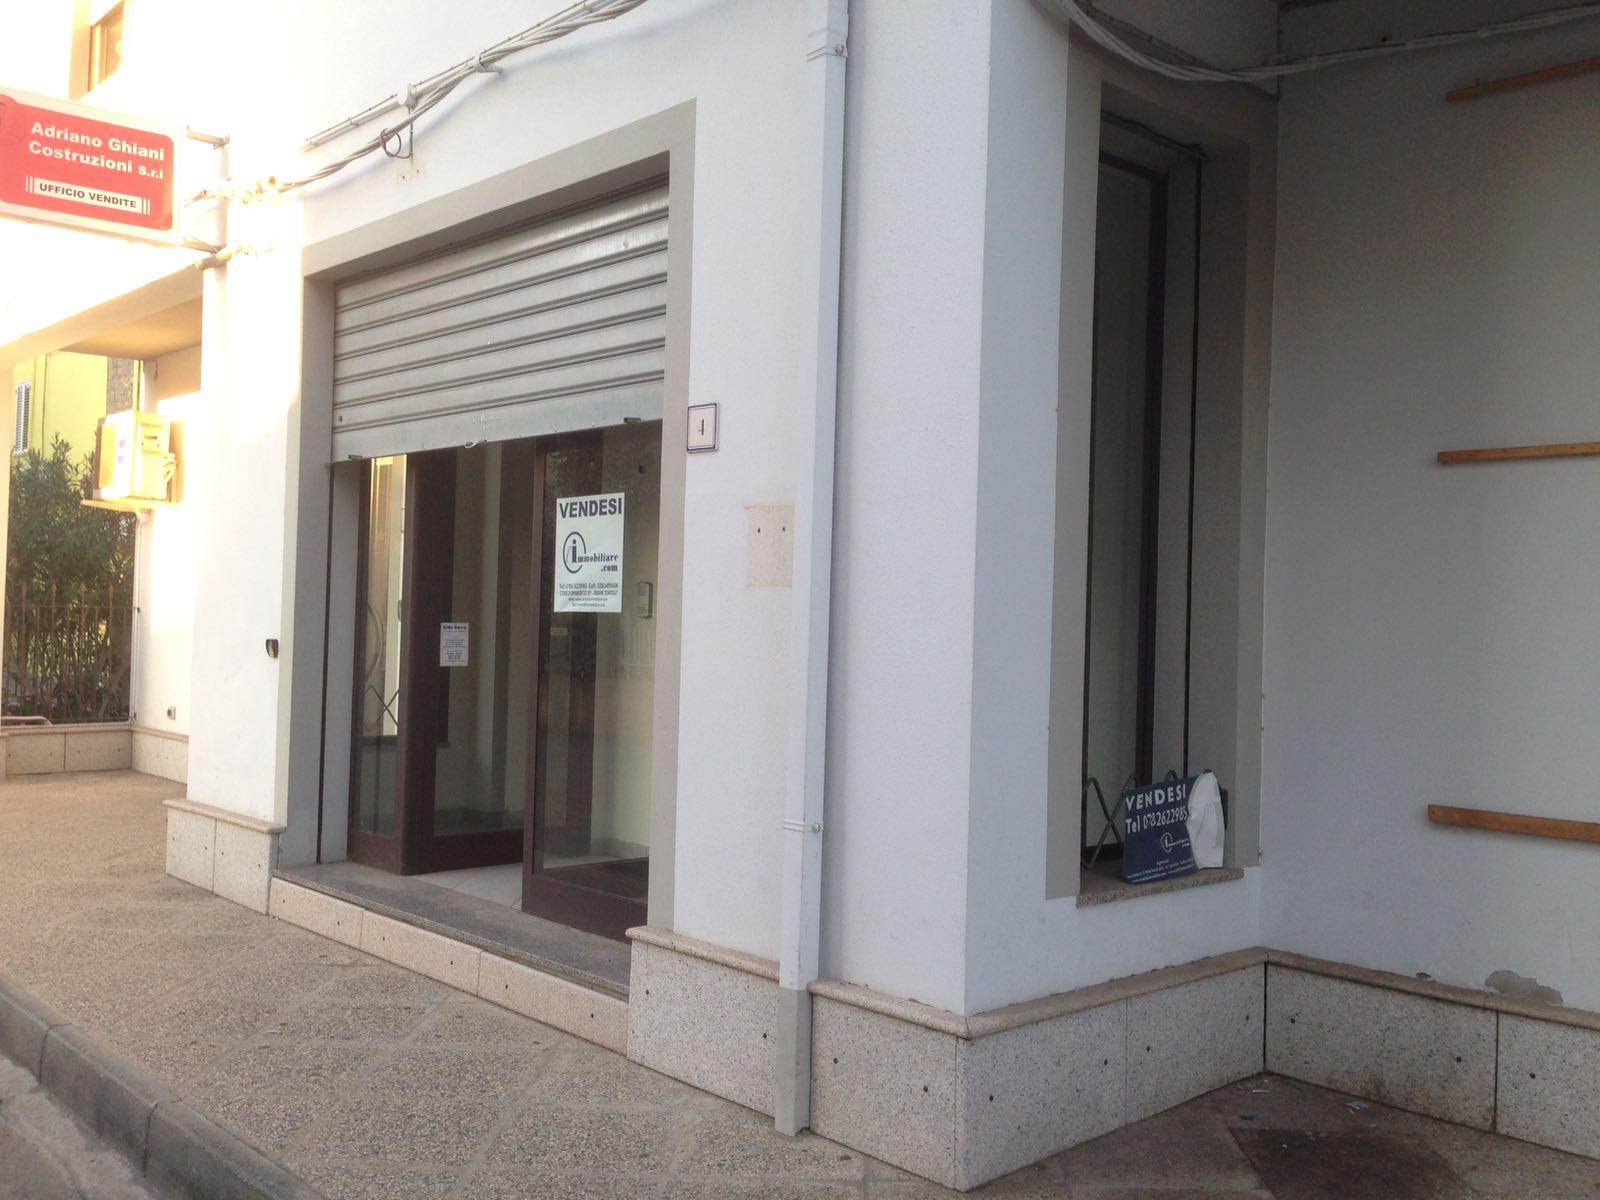 Altro in vendita a Tortolì, 9999 locali, prezzo € 65.000 | Cambio Casa.it